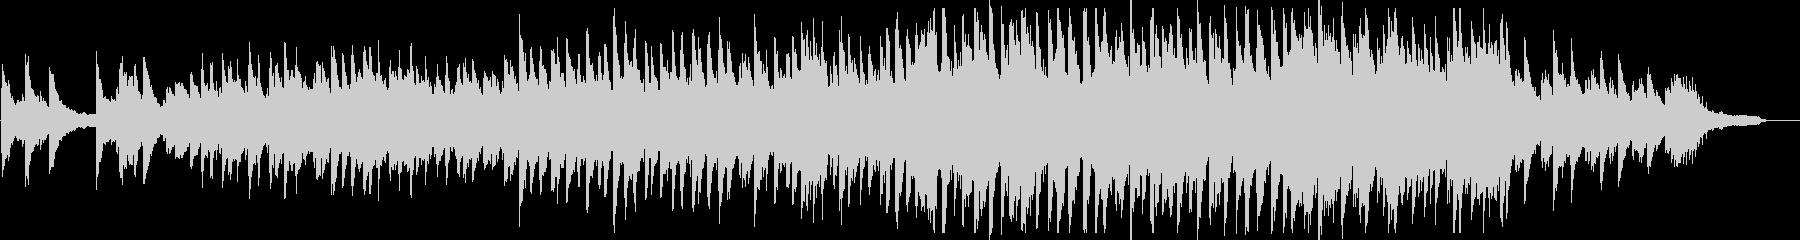 感動・バラード・ピアノ・映像・イベント用の未再生の波形